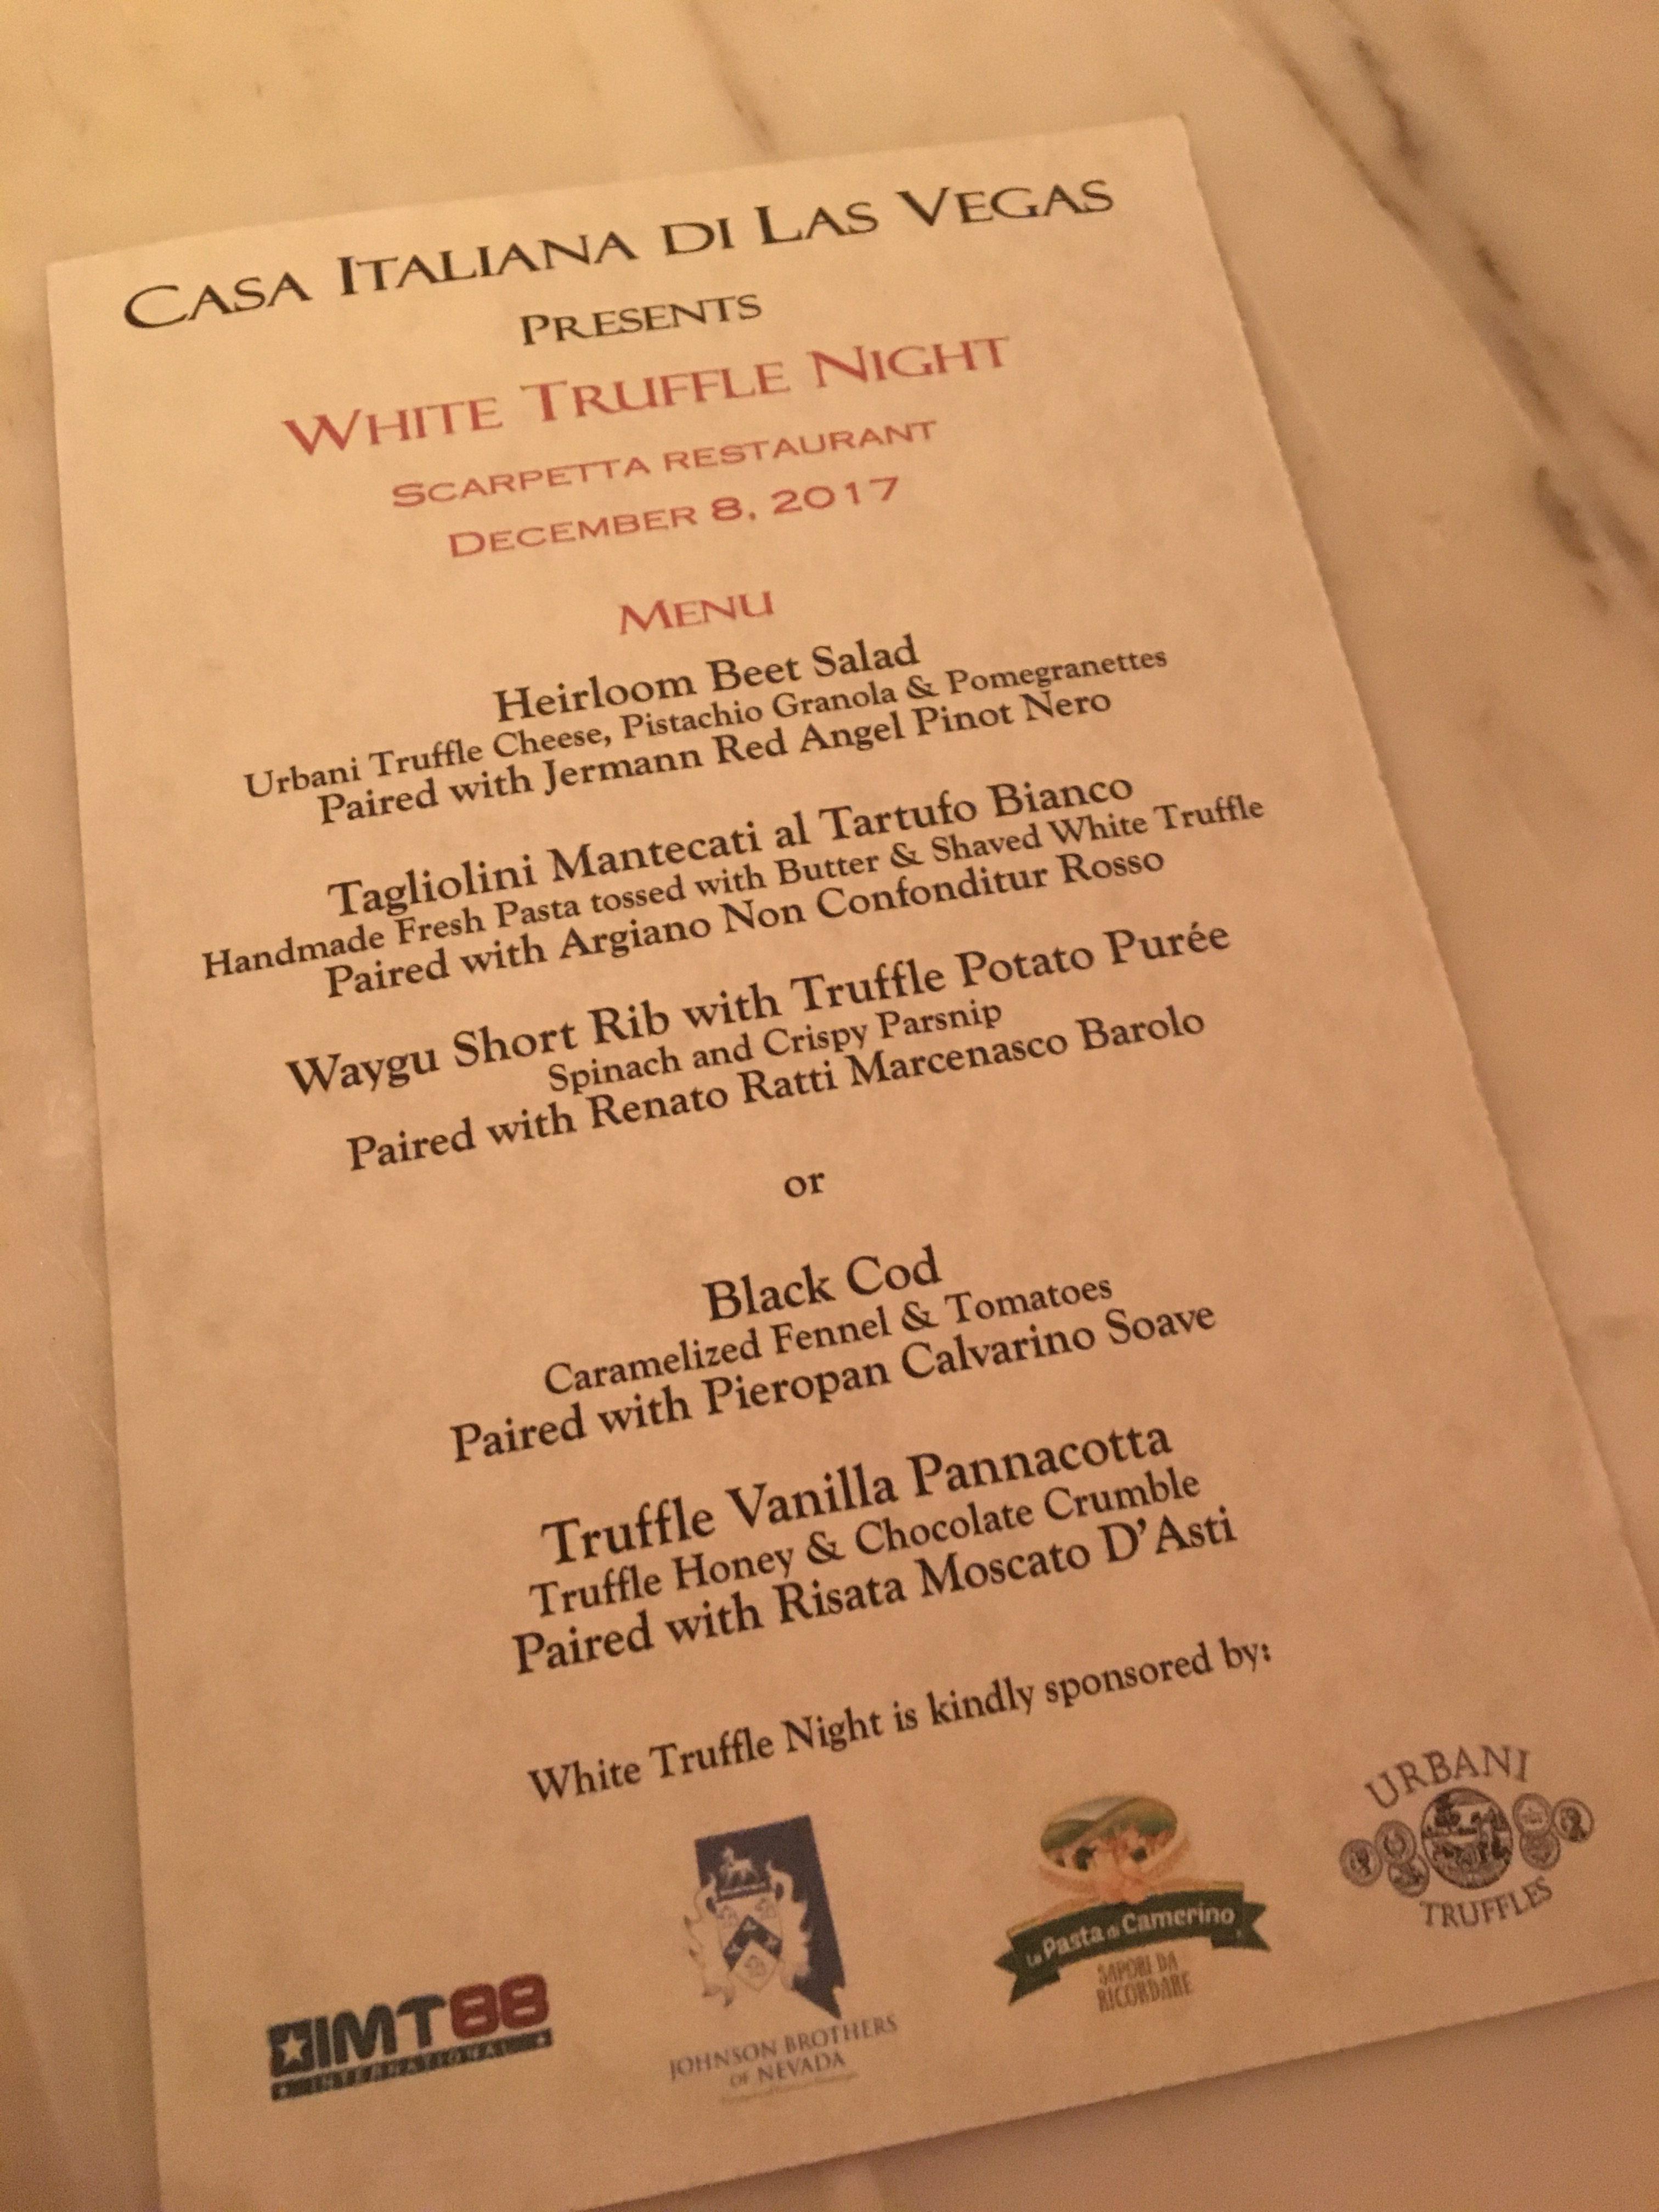 Truffle dinner fundraising